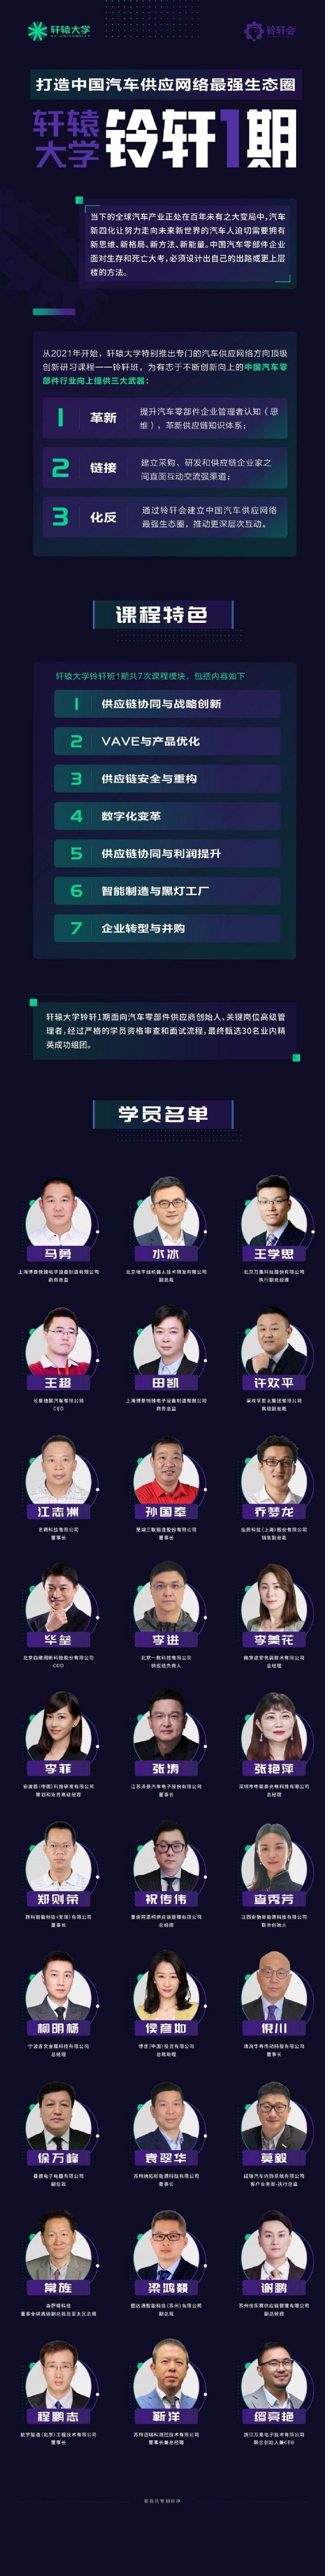 """铃轩1期一切就绪,汽车供应网络最强""""火箭班""""蓄势待发"""